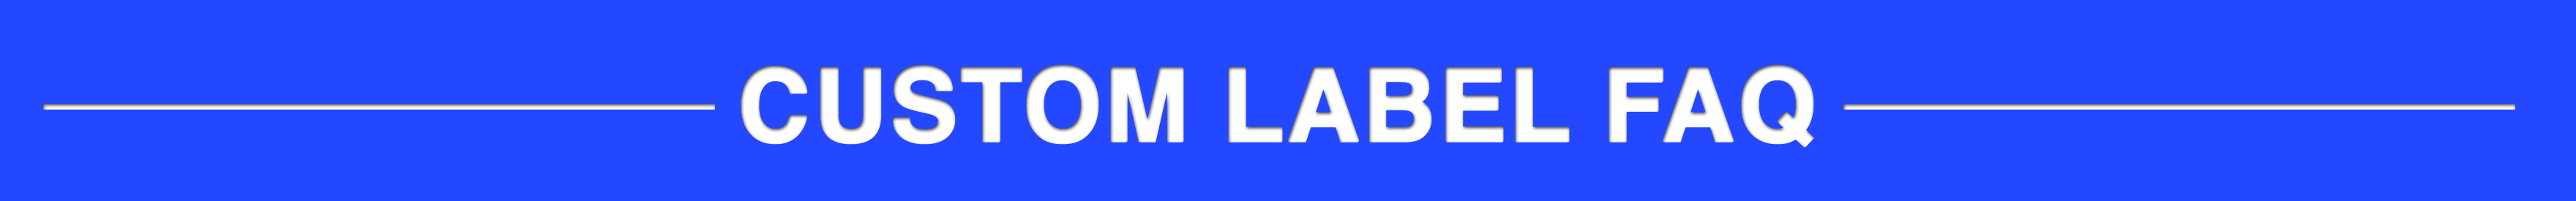 label-faq.jpg